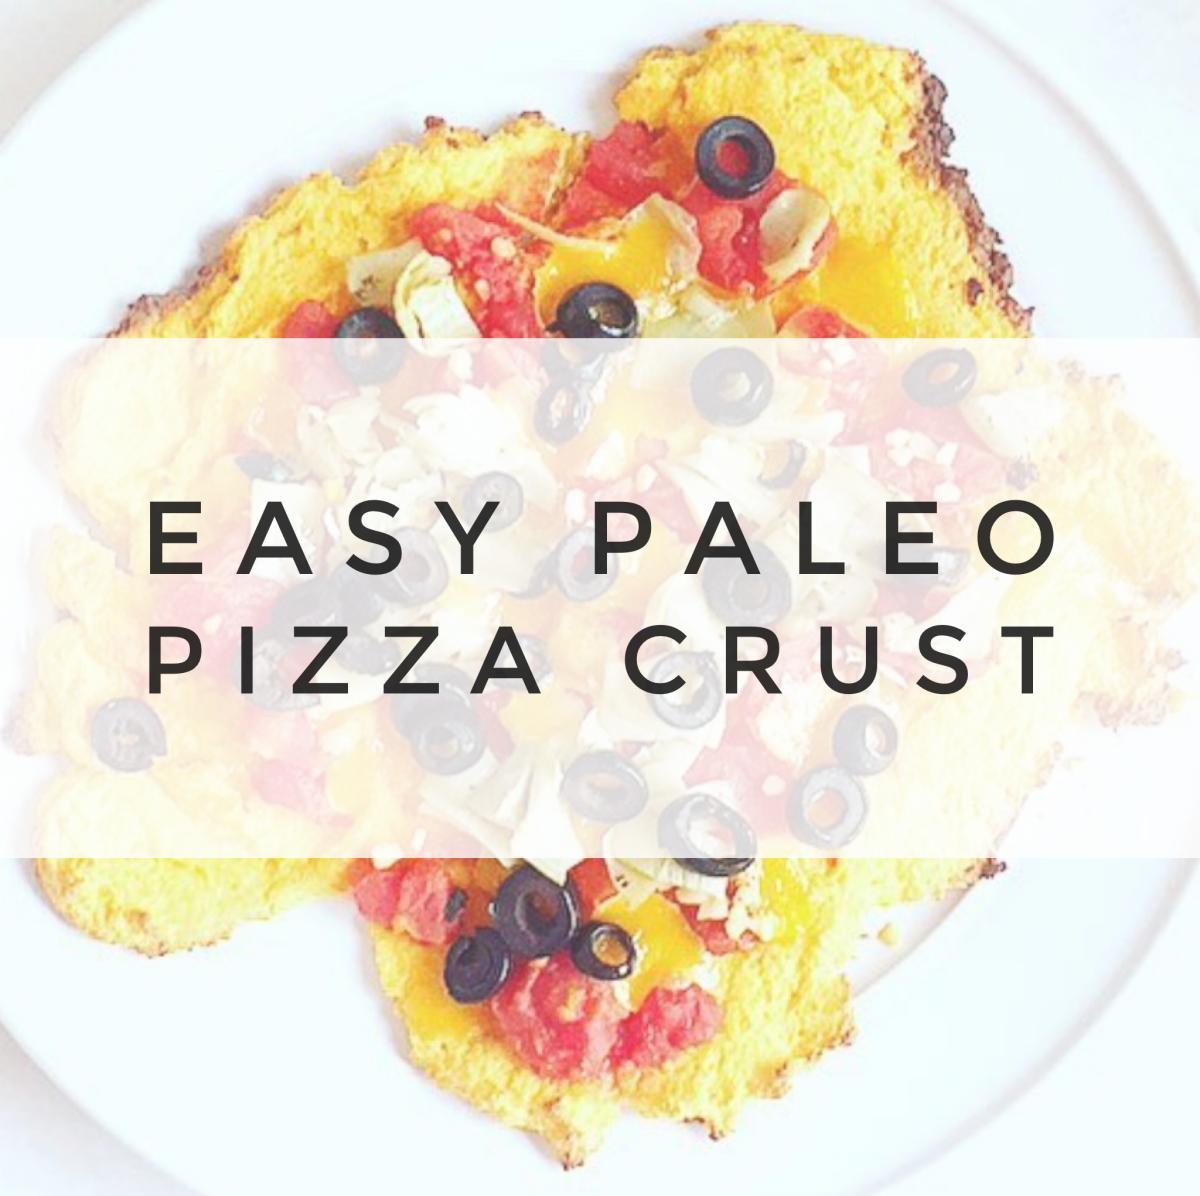 10-Minute Paleo Pizza Crust